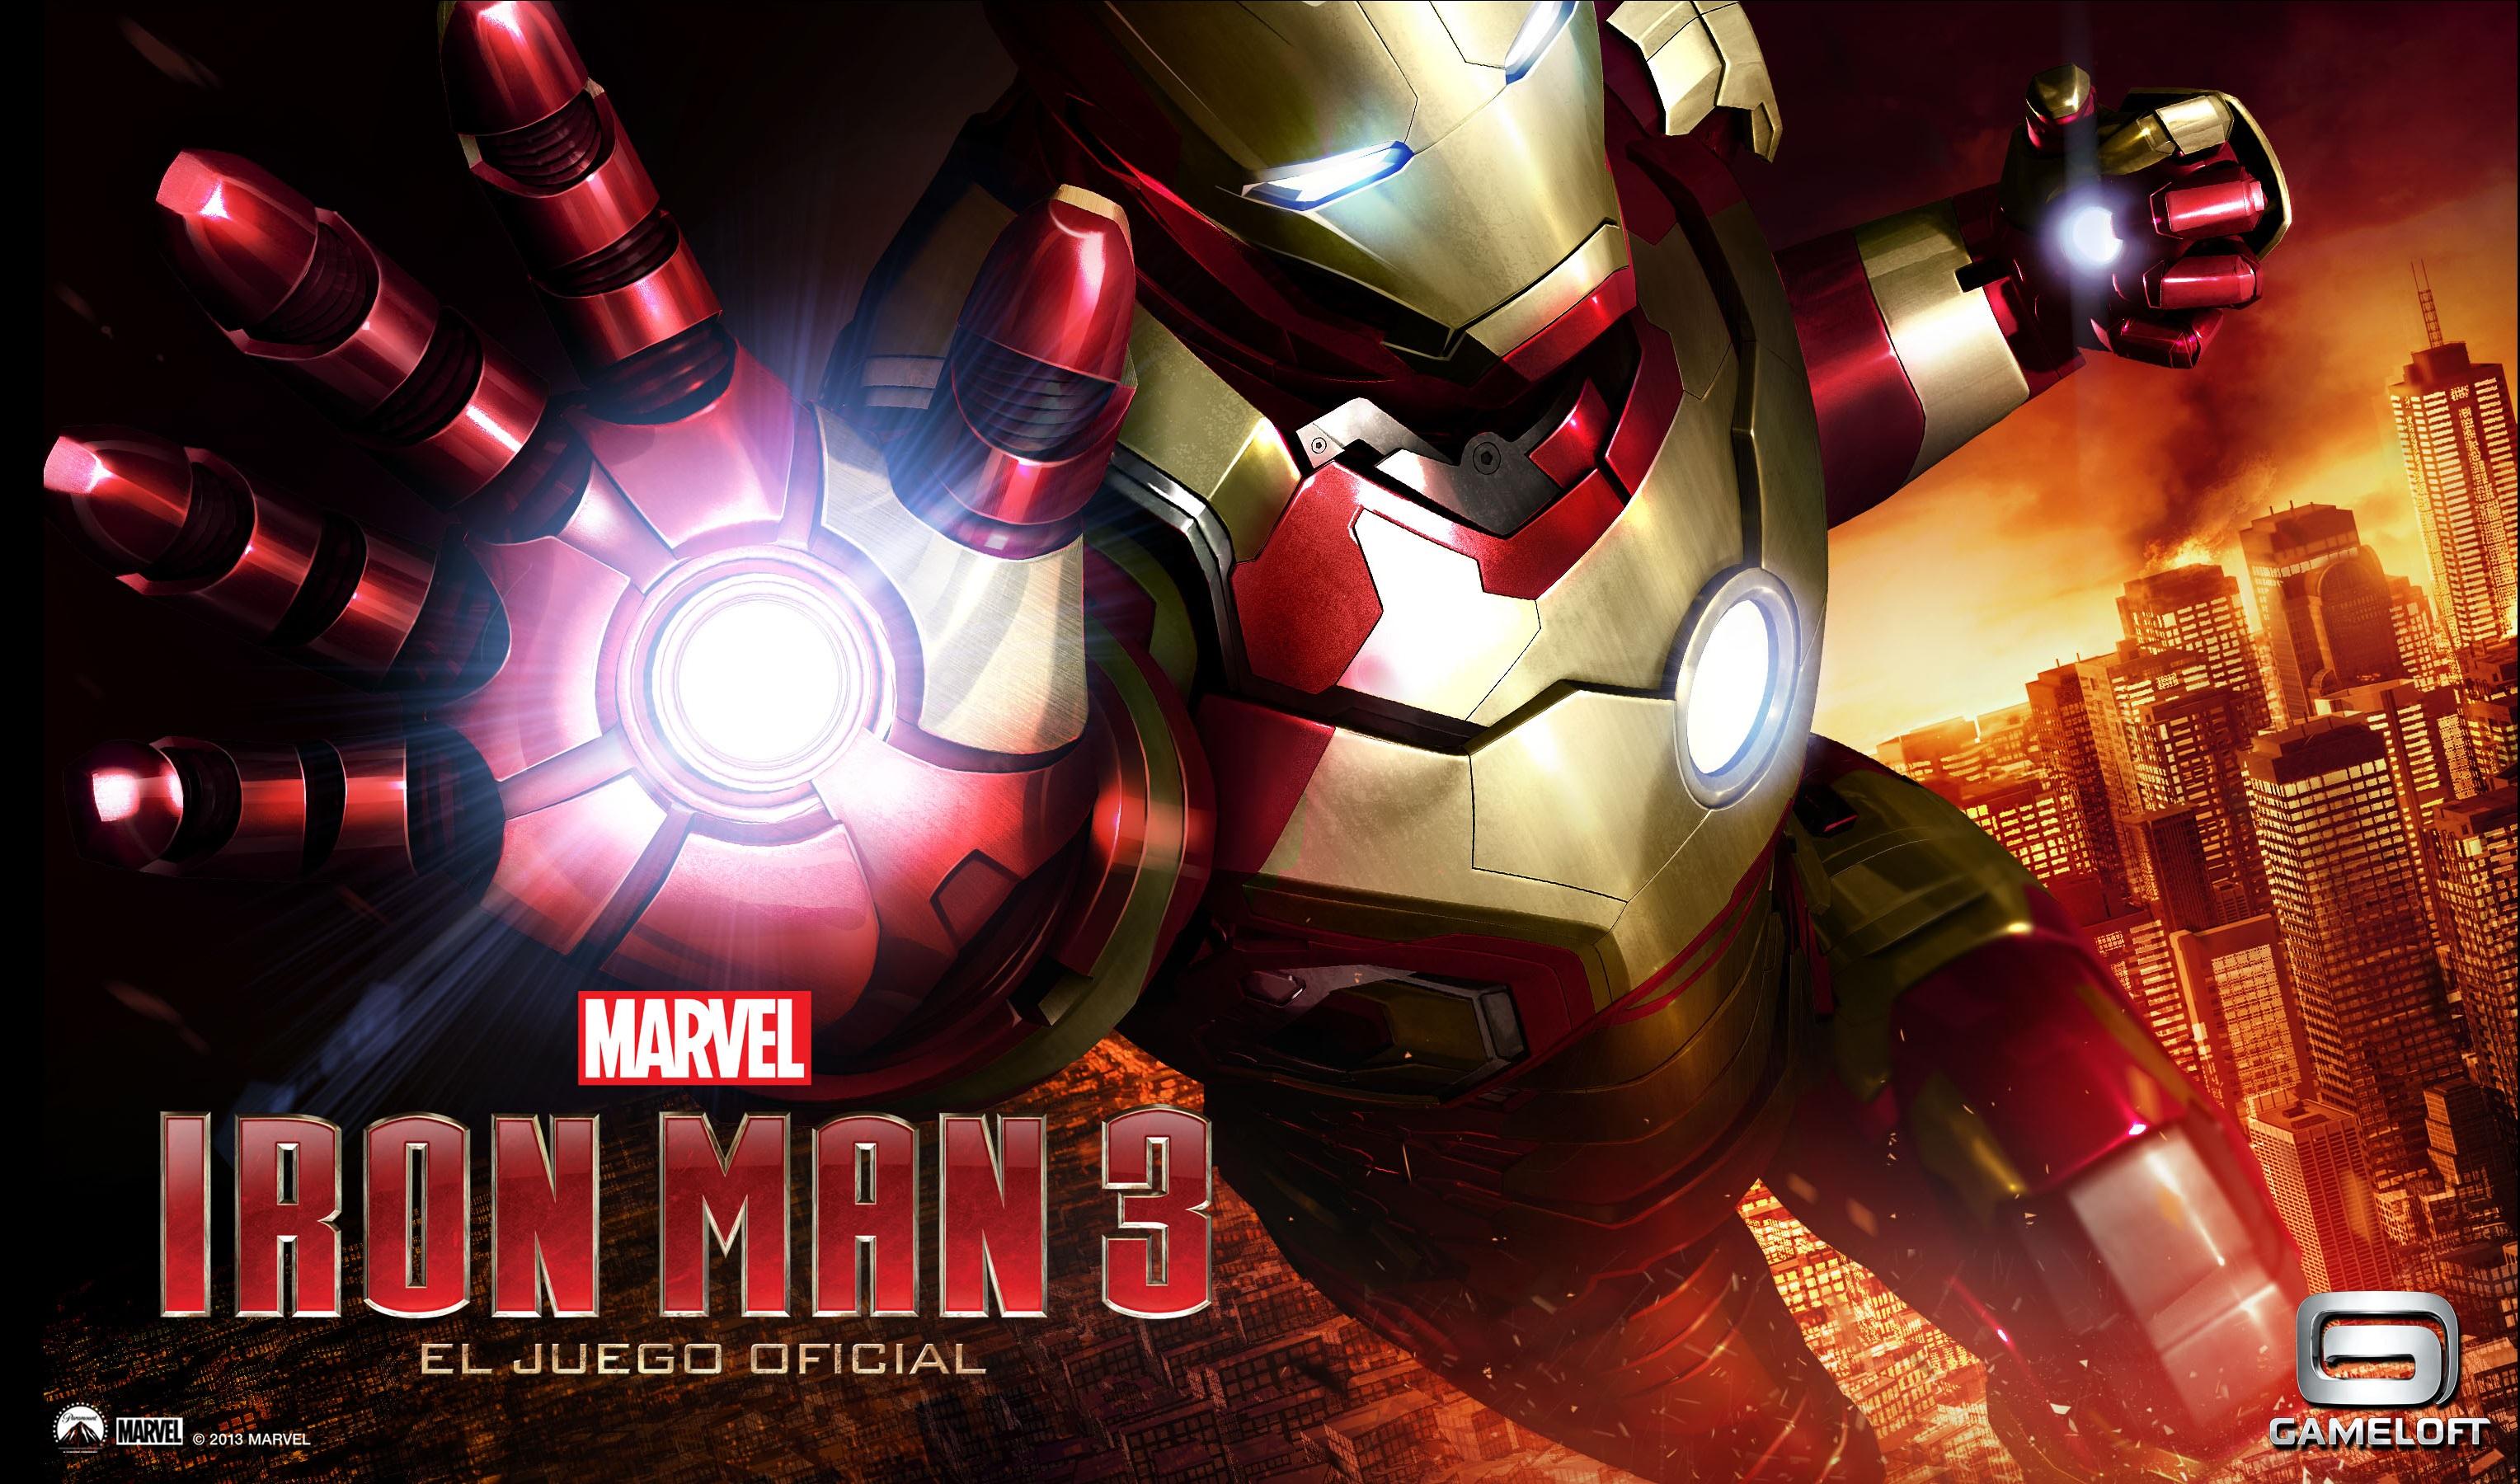 Descargar Iron Man 4 A2zp30: El Juego De Iron Man 3